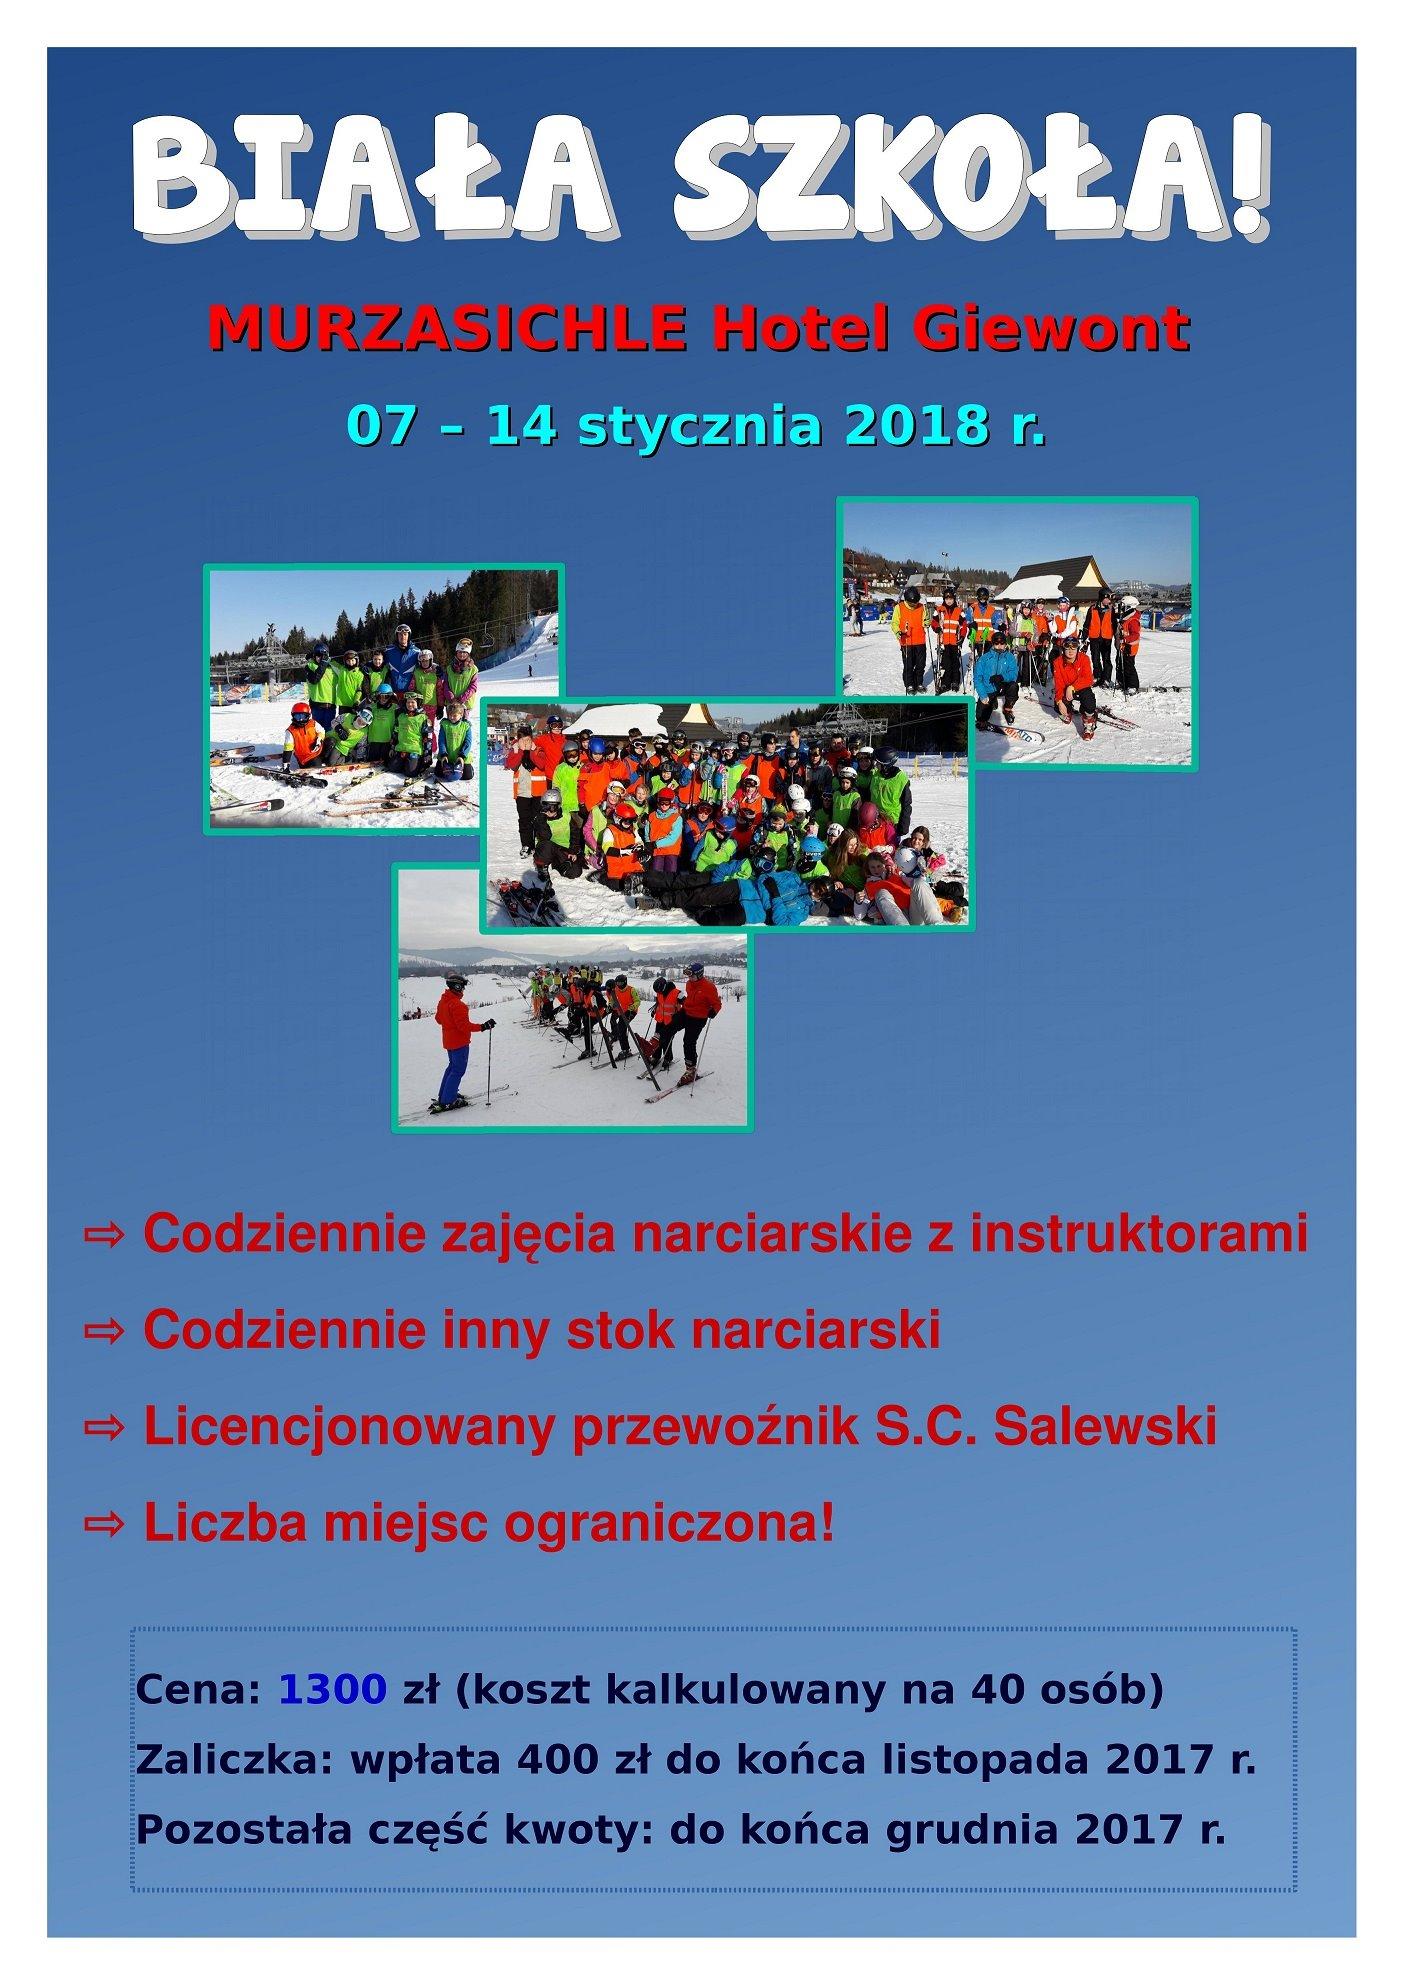 Biała Szkoła 2018